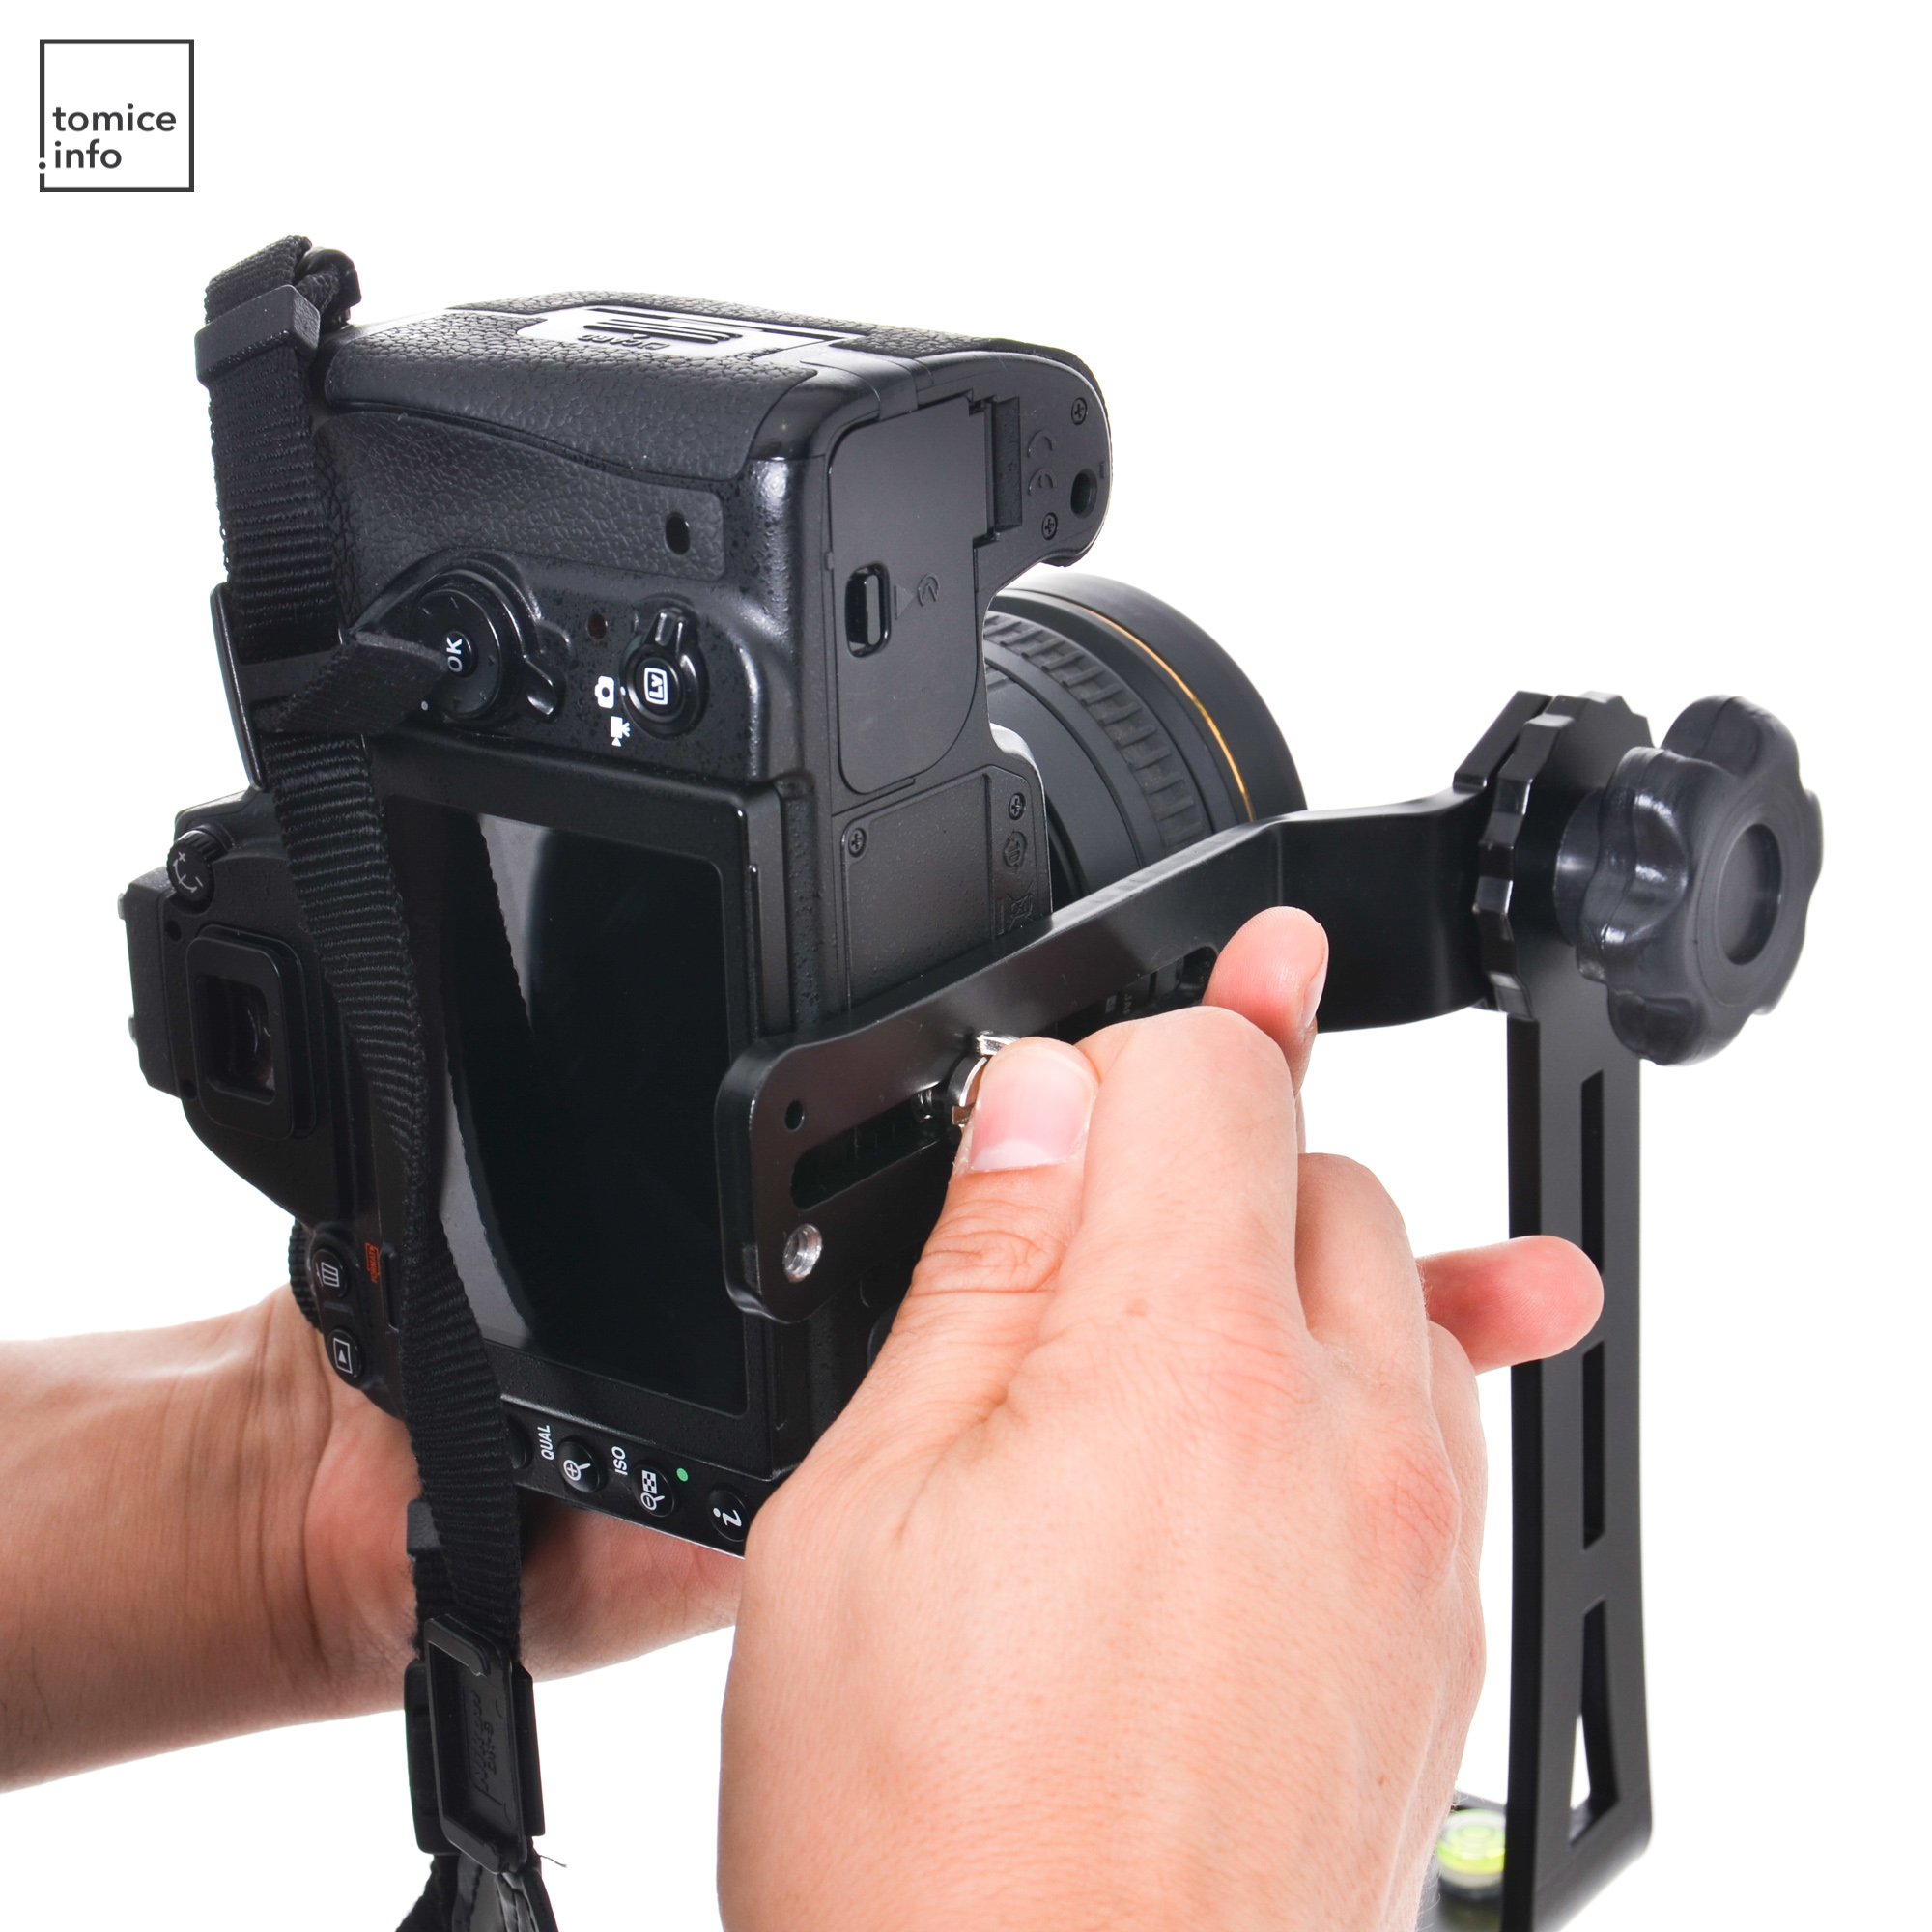 Montaż aparatu na głowicy panoramicznej.